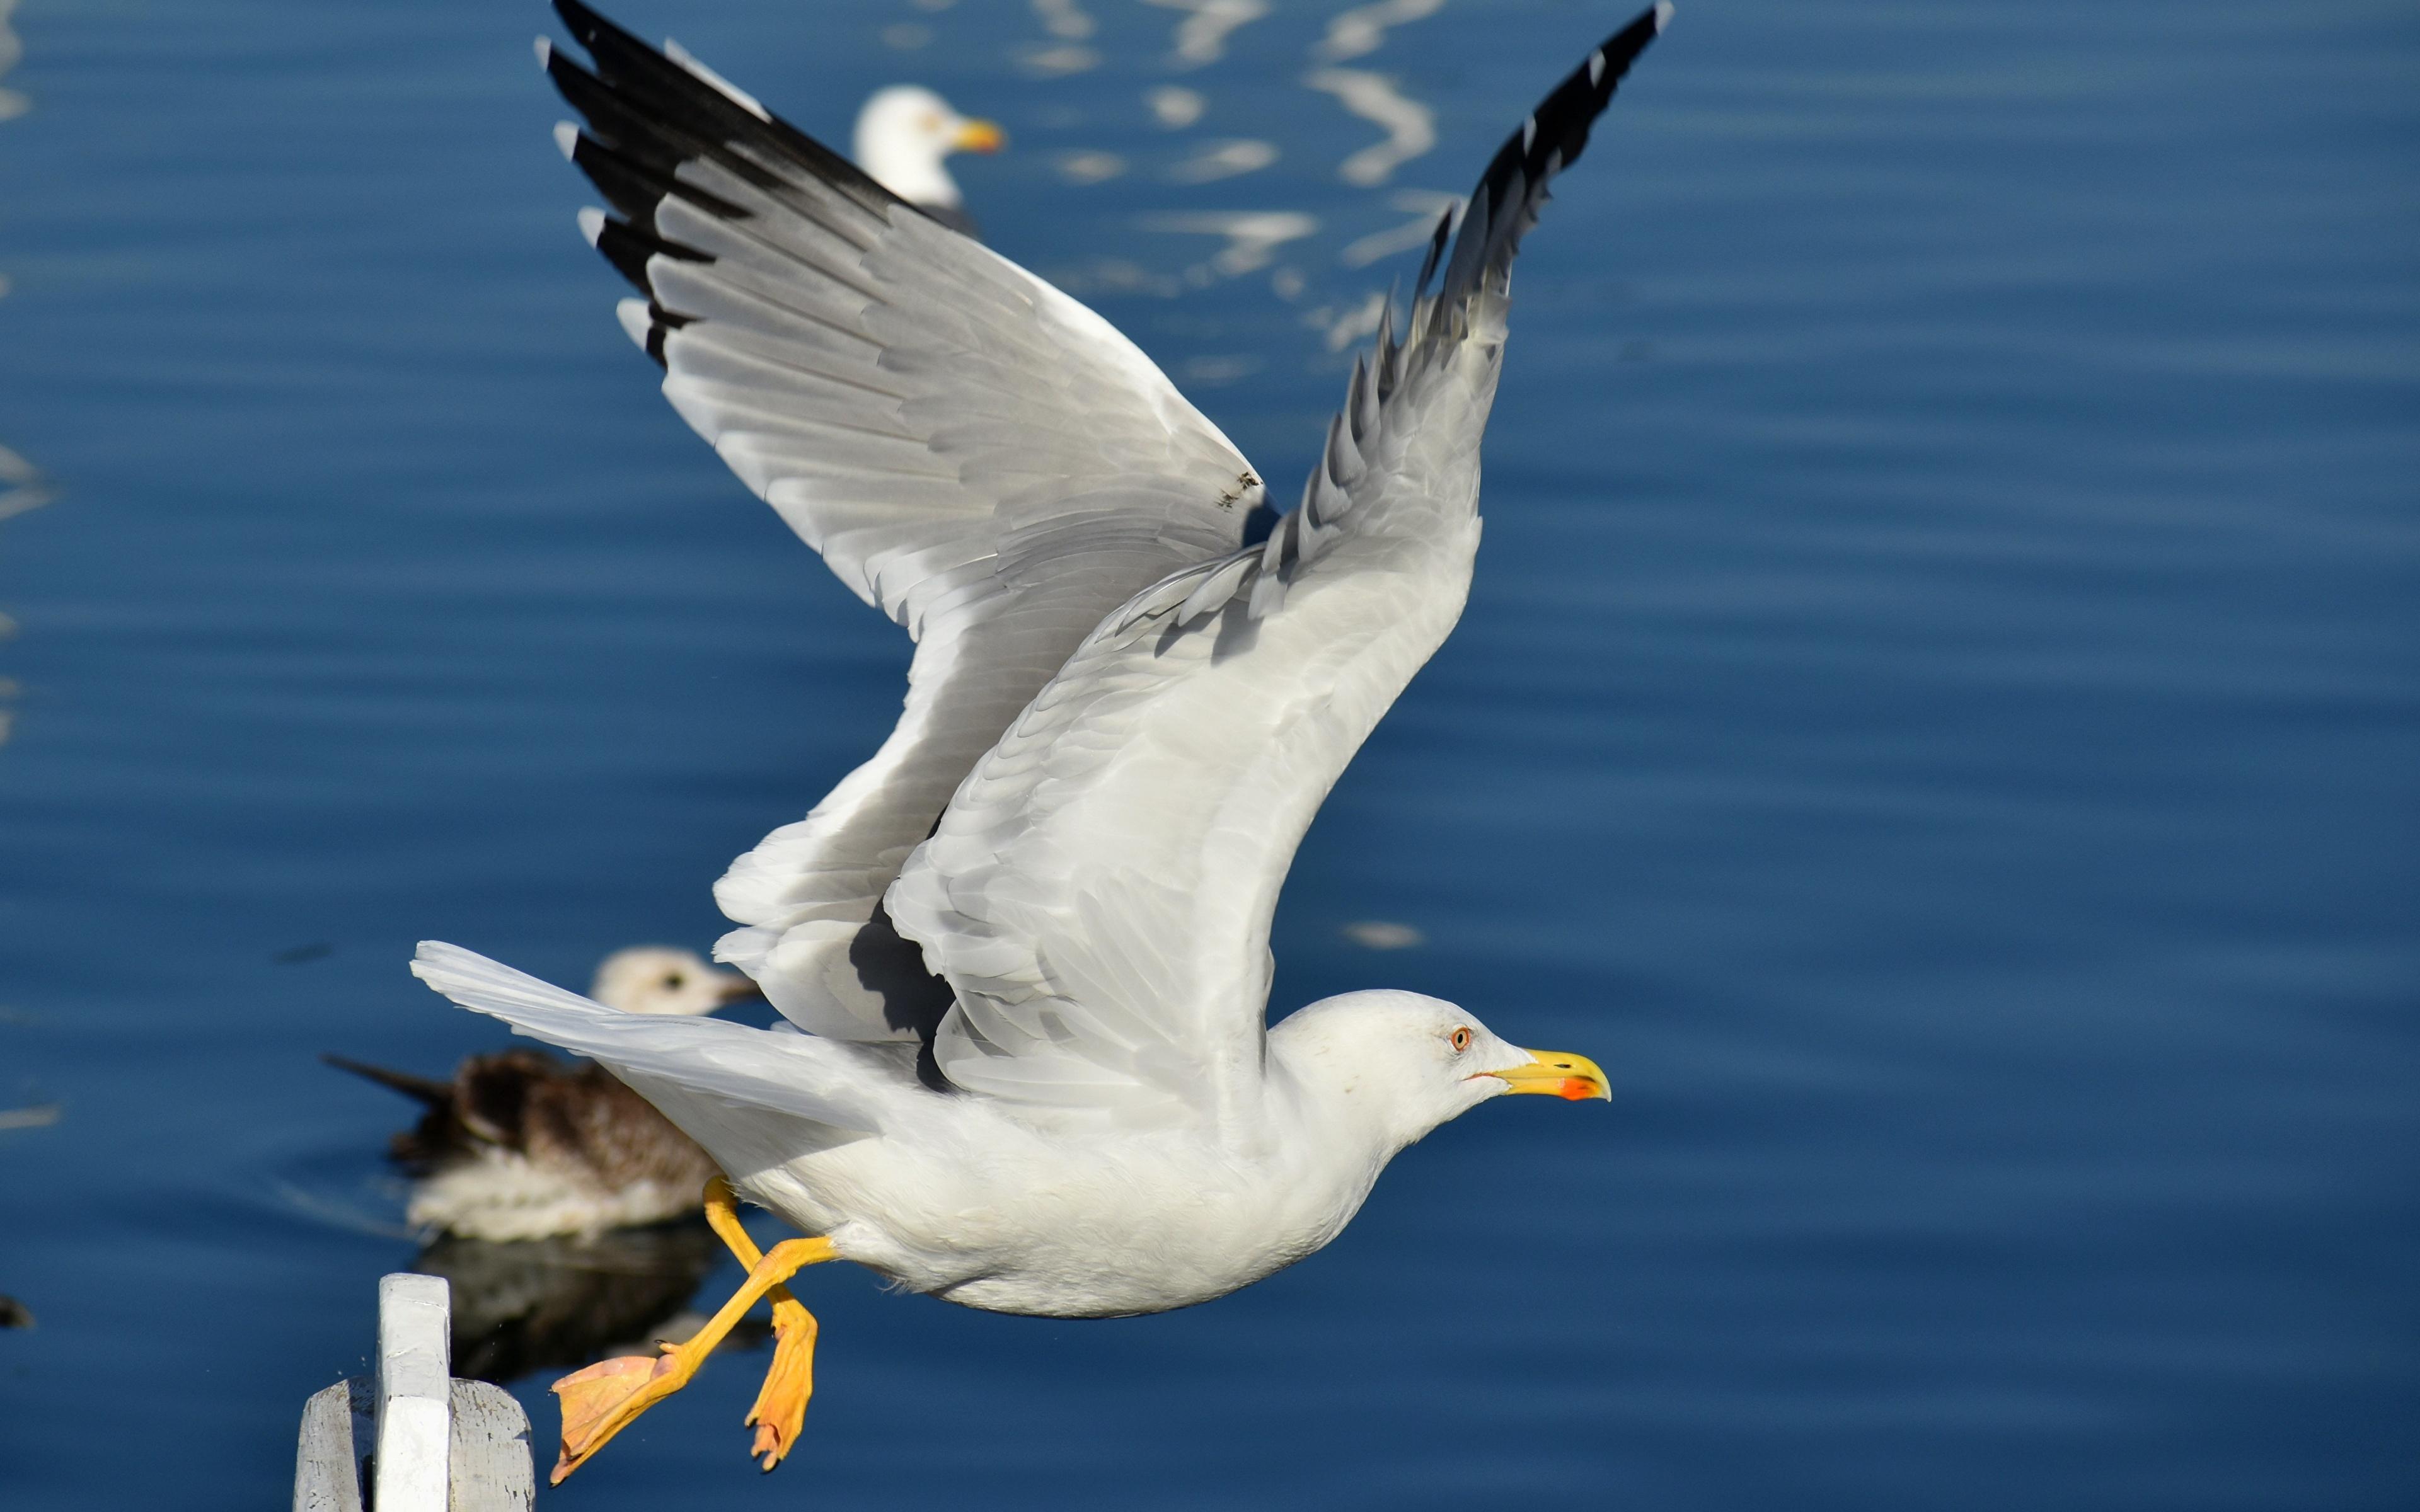 3840x2400 Aves Gaviotas Vuelo Ala animales, un animal, pájaro, pájaros, gaviotas Animalia